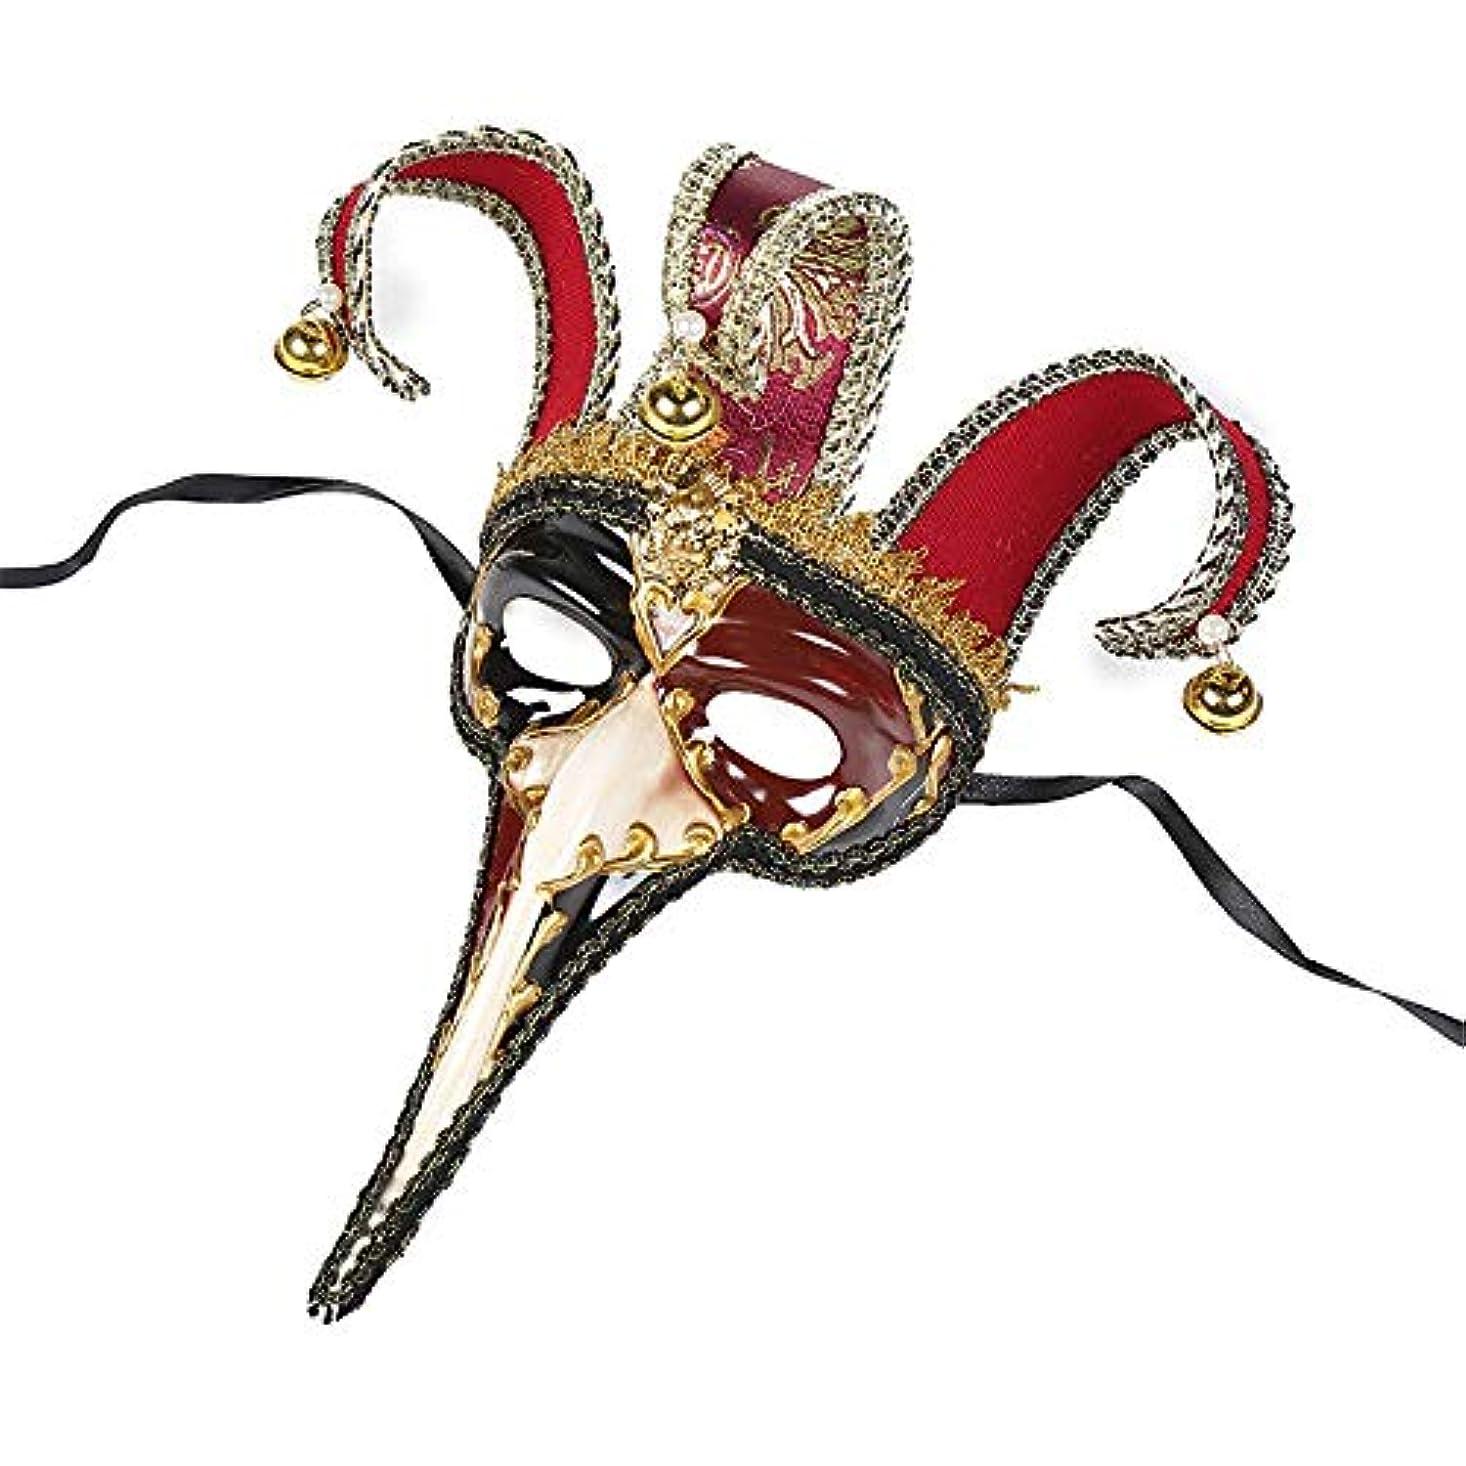 マウントベースガイダンスダンスマスク ハーフフェイス鼻フラミンゴハロウィーン仮装雰囲気クリスマスフェスティバルロールプレイングプラスチックマスク ホリデーパーティー用品 (色 : 赤, サイズ : 42x15cm)